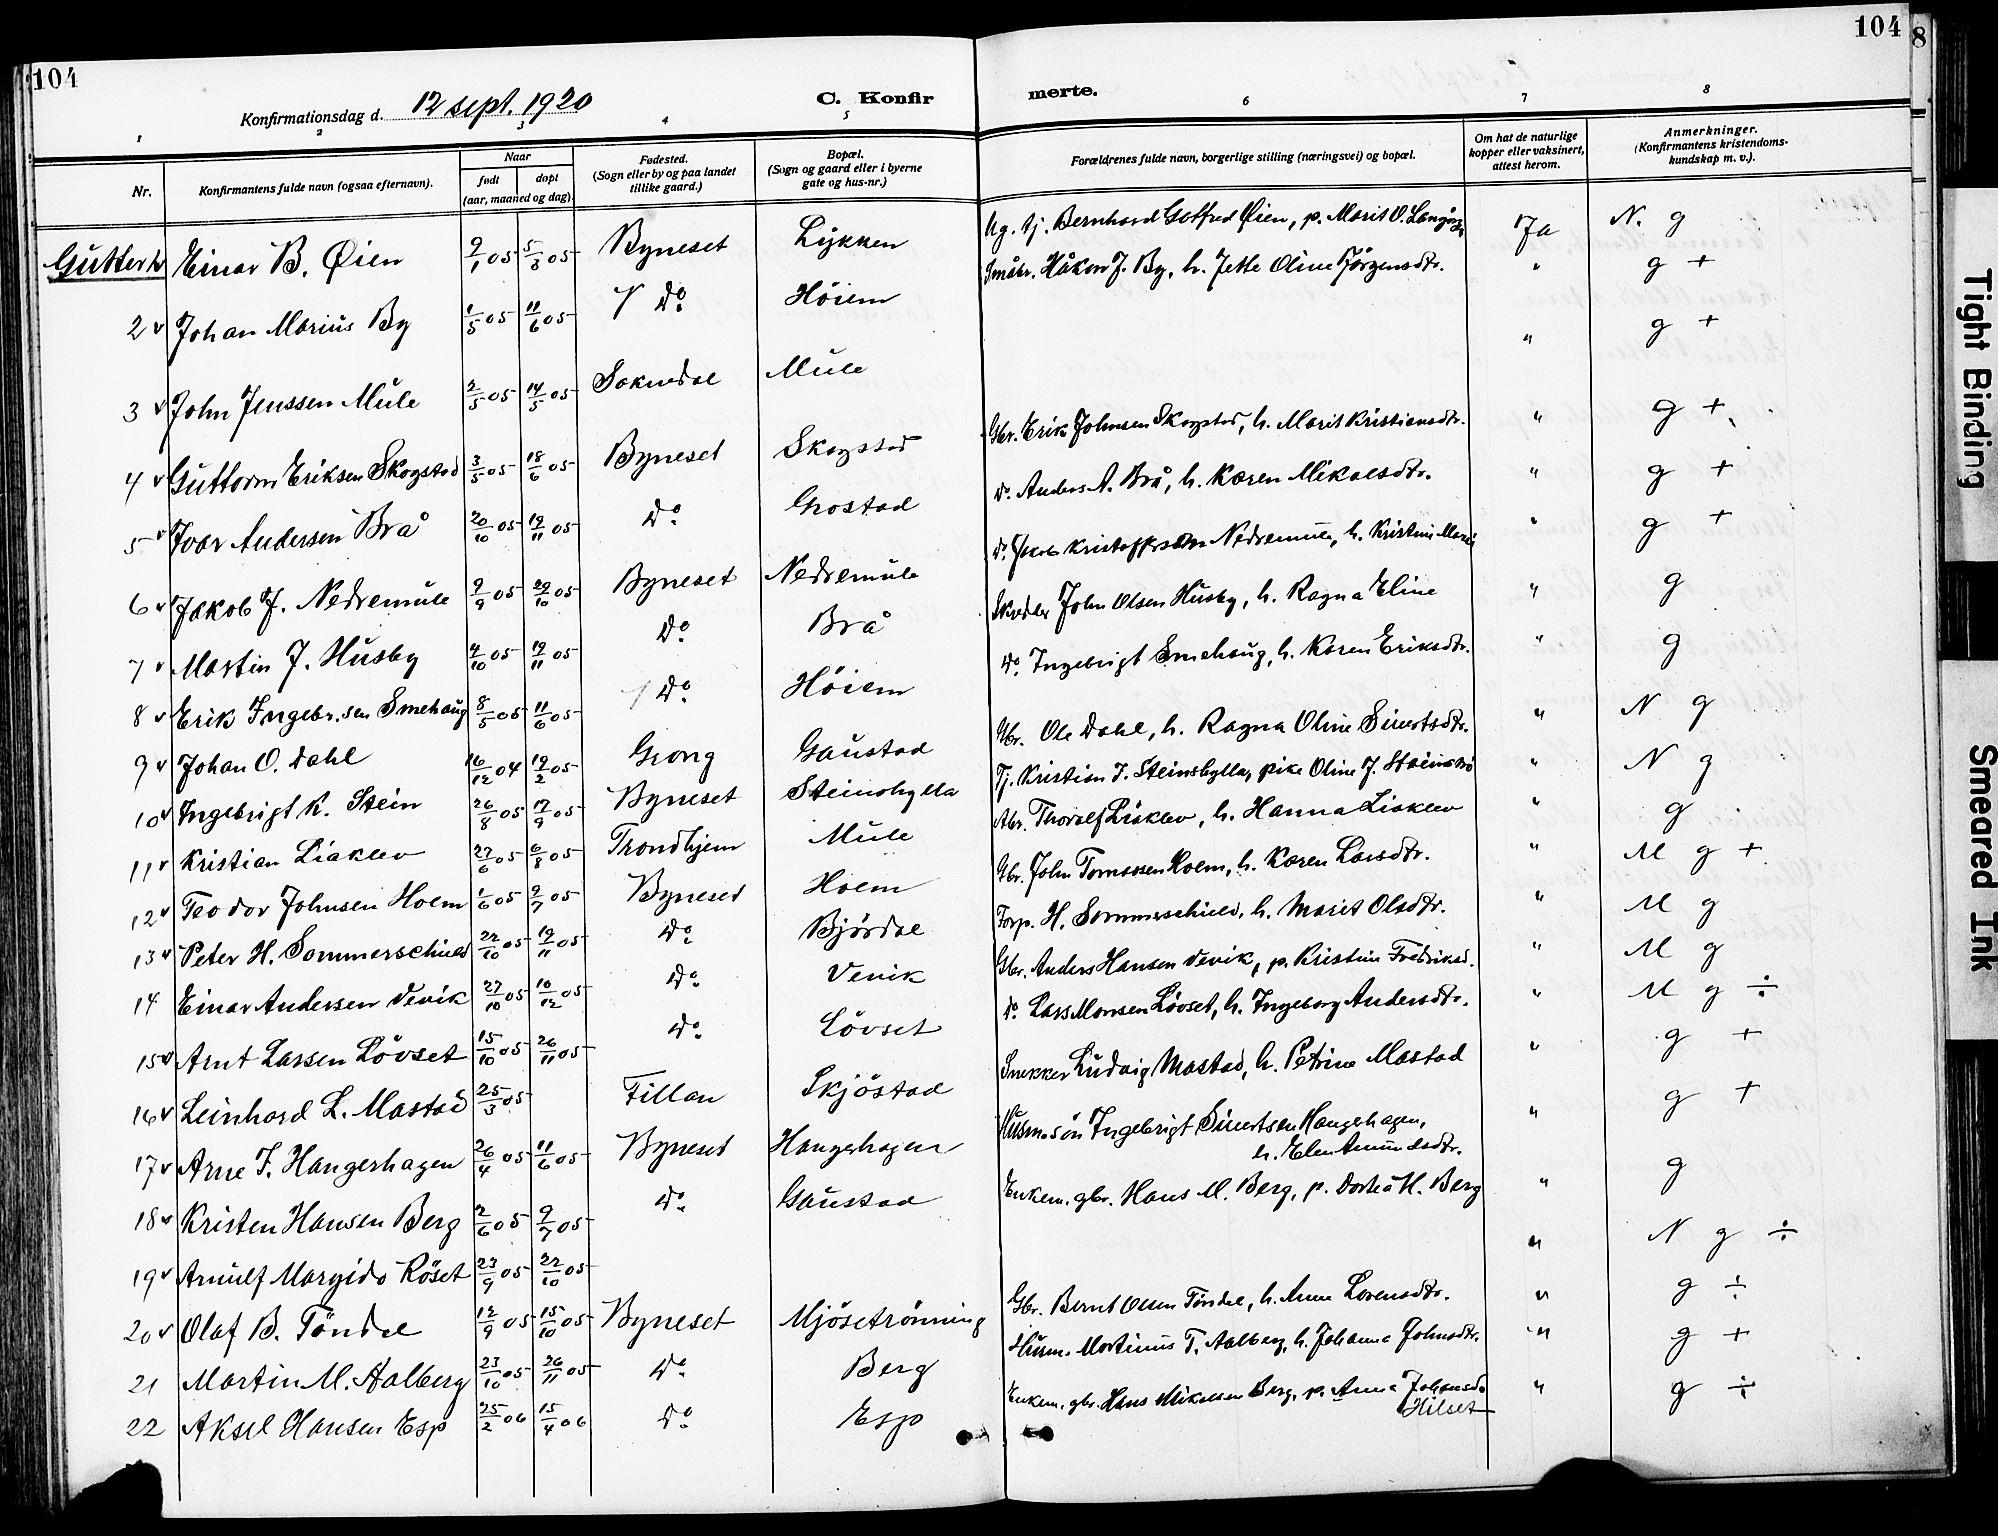 SAT, Ministerialprotokoller, klokkerbøker og fødselsregistre - Sør-Trøndelag, 612/L0388: Klokkerbok nr. 612C04, 1909-1929, s. 104